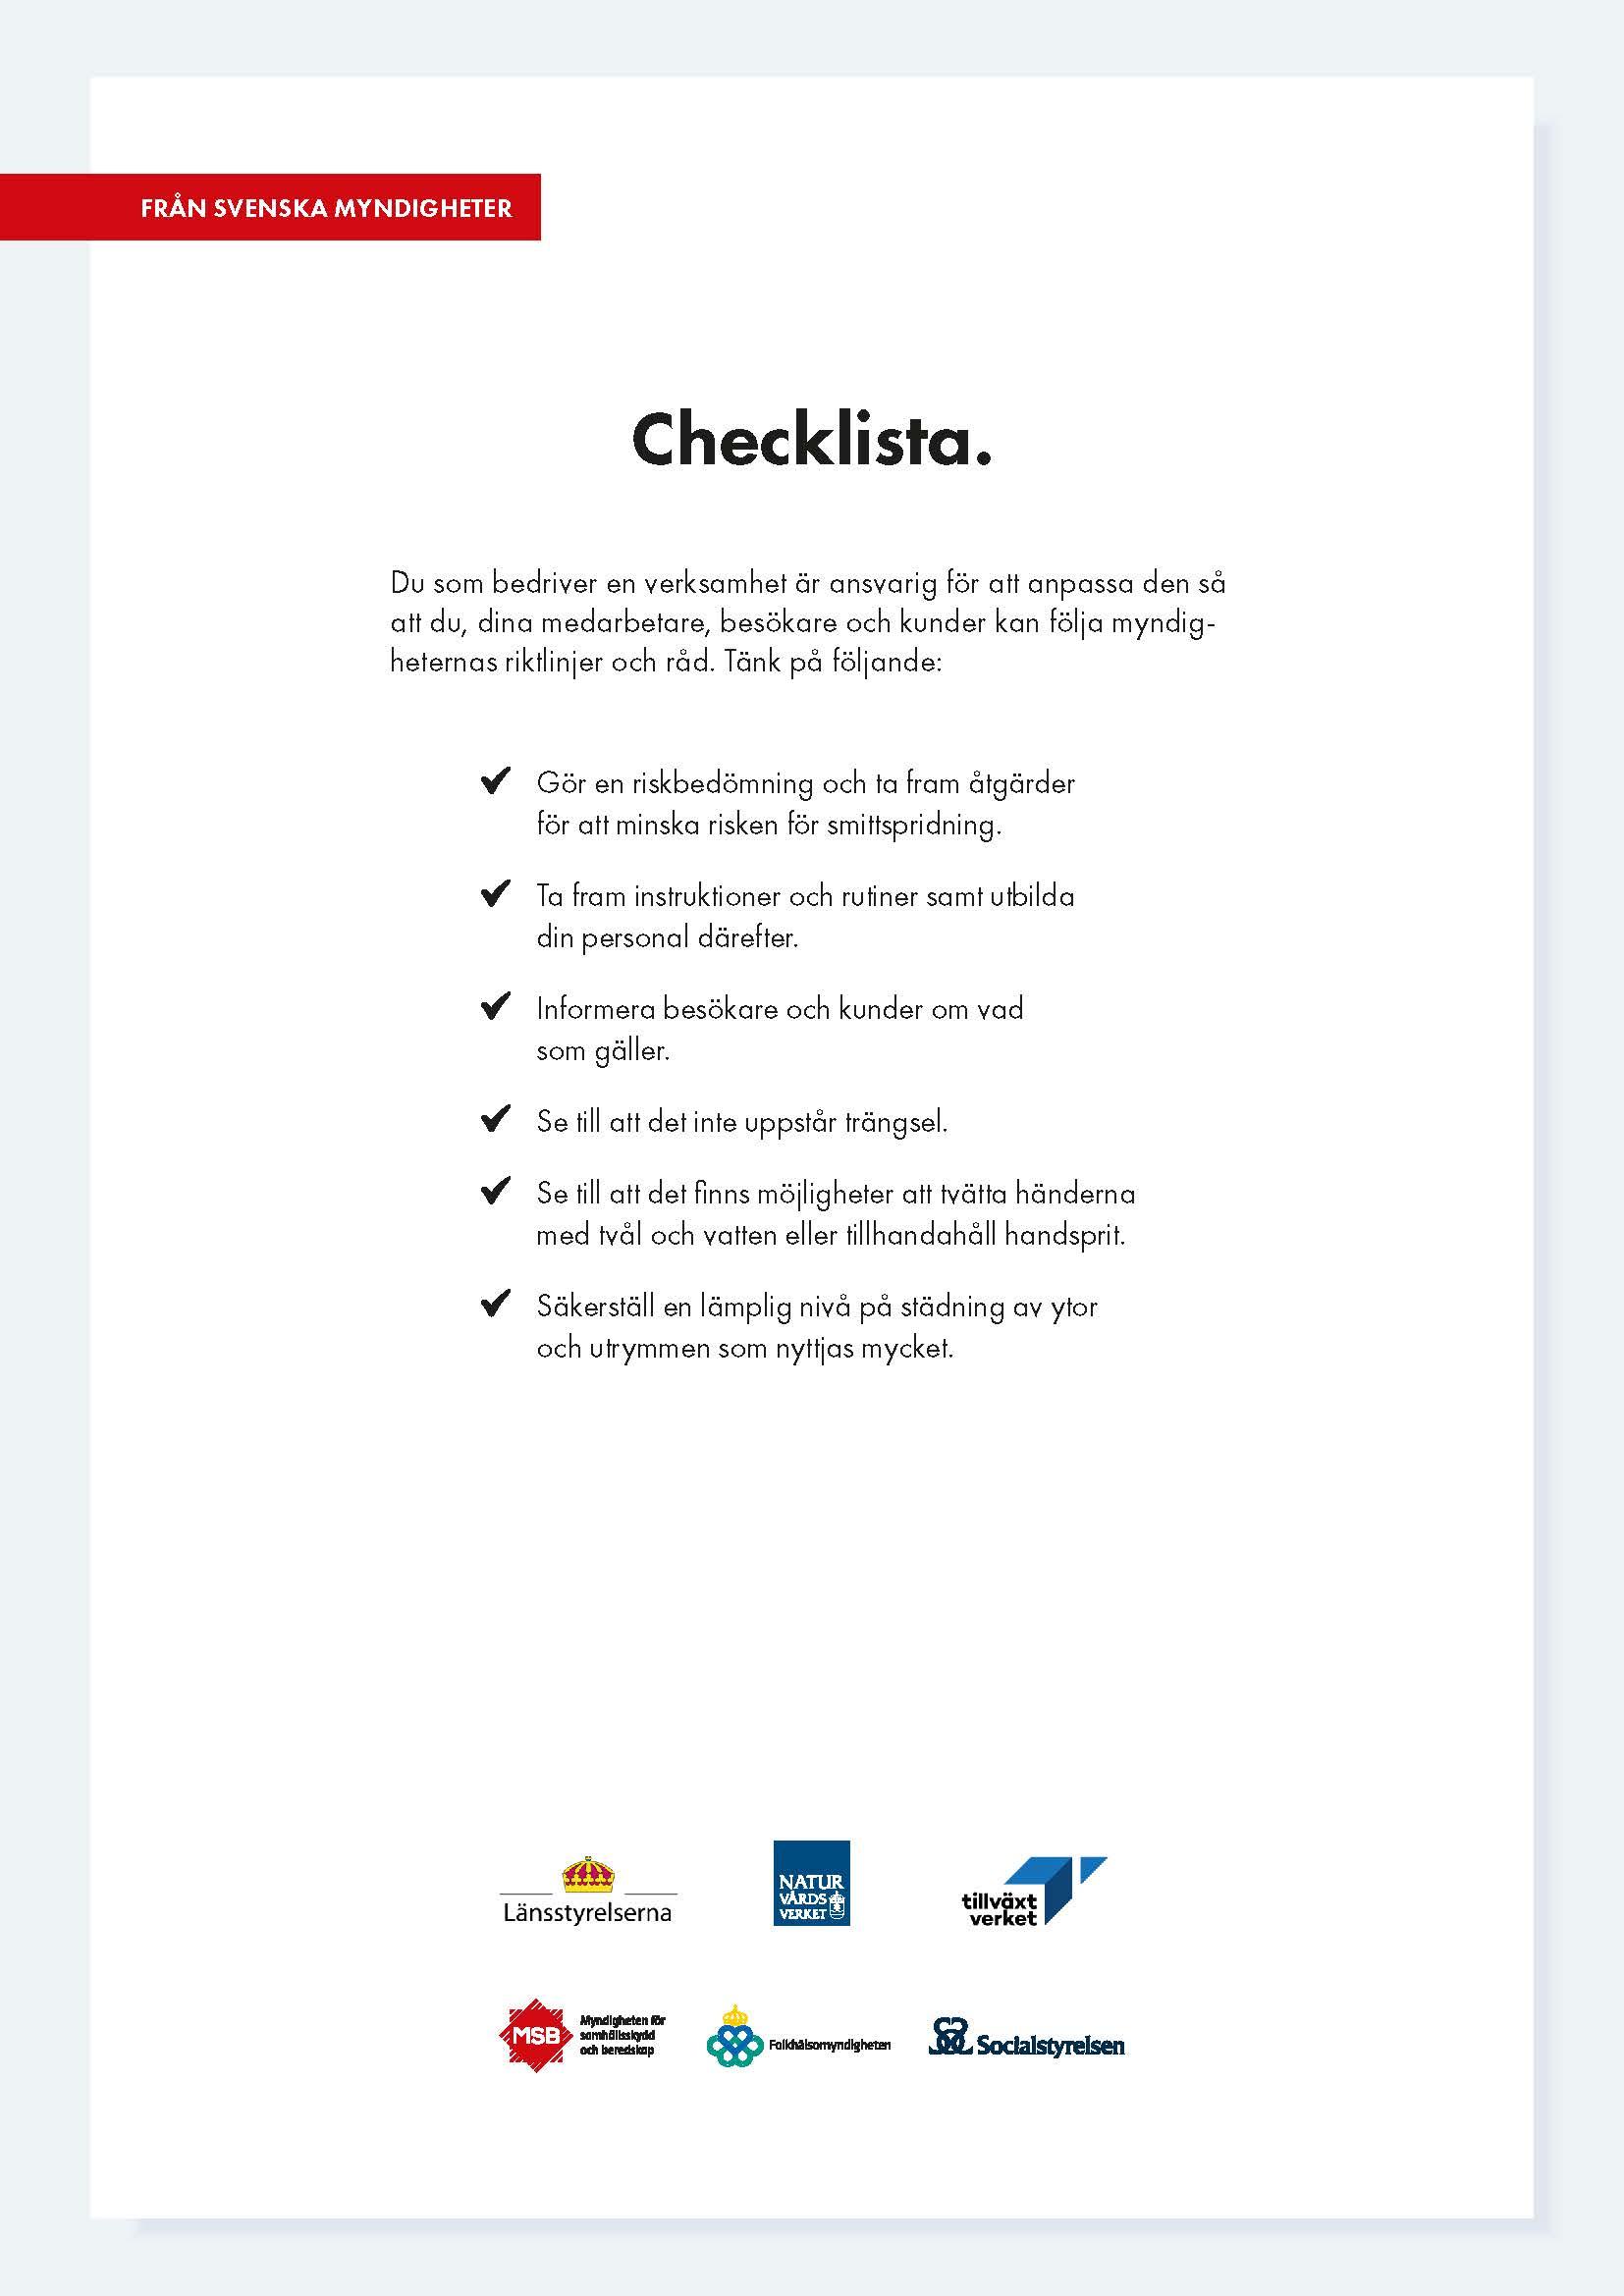 Checklista från svenska myndigheter för att anpassa verksamhet så att du, dina medarbetare, besökare och kunder kan följa myndigheternas riktlinjer och råd